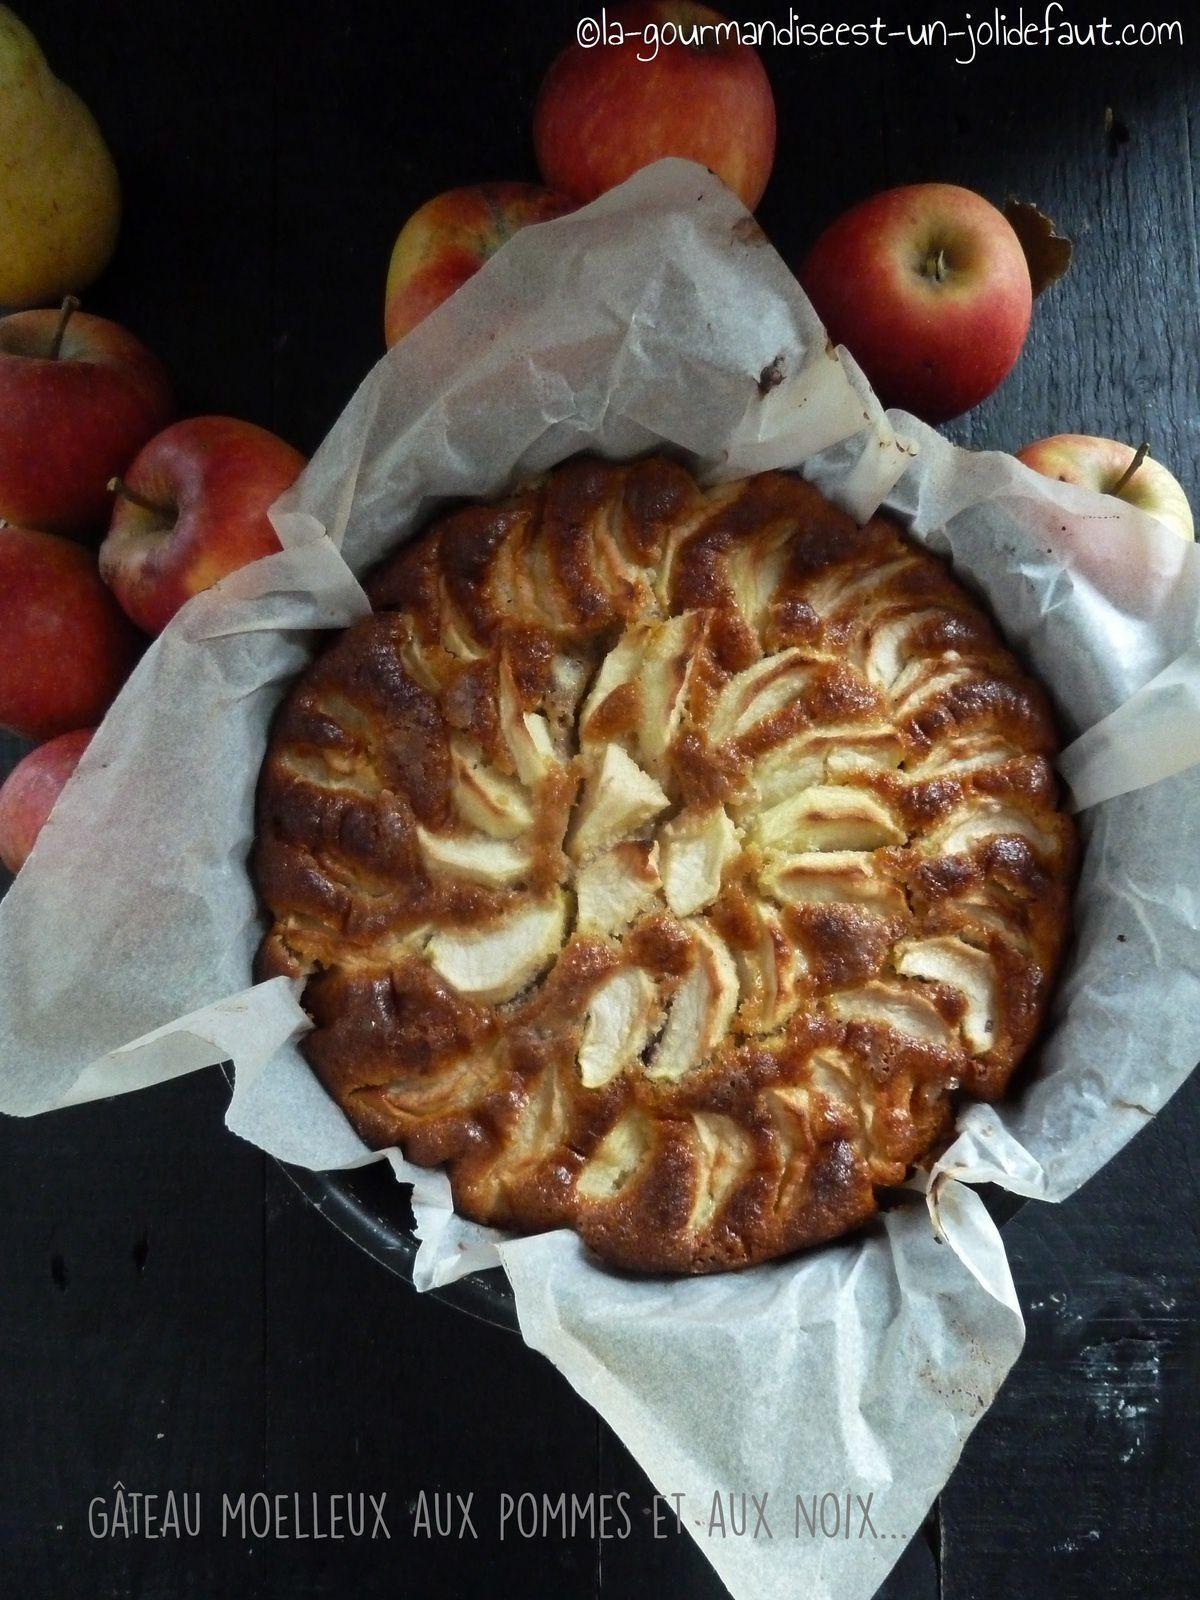 Gateau moelleux aux pommes et aux noix